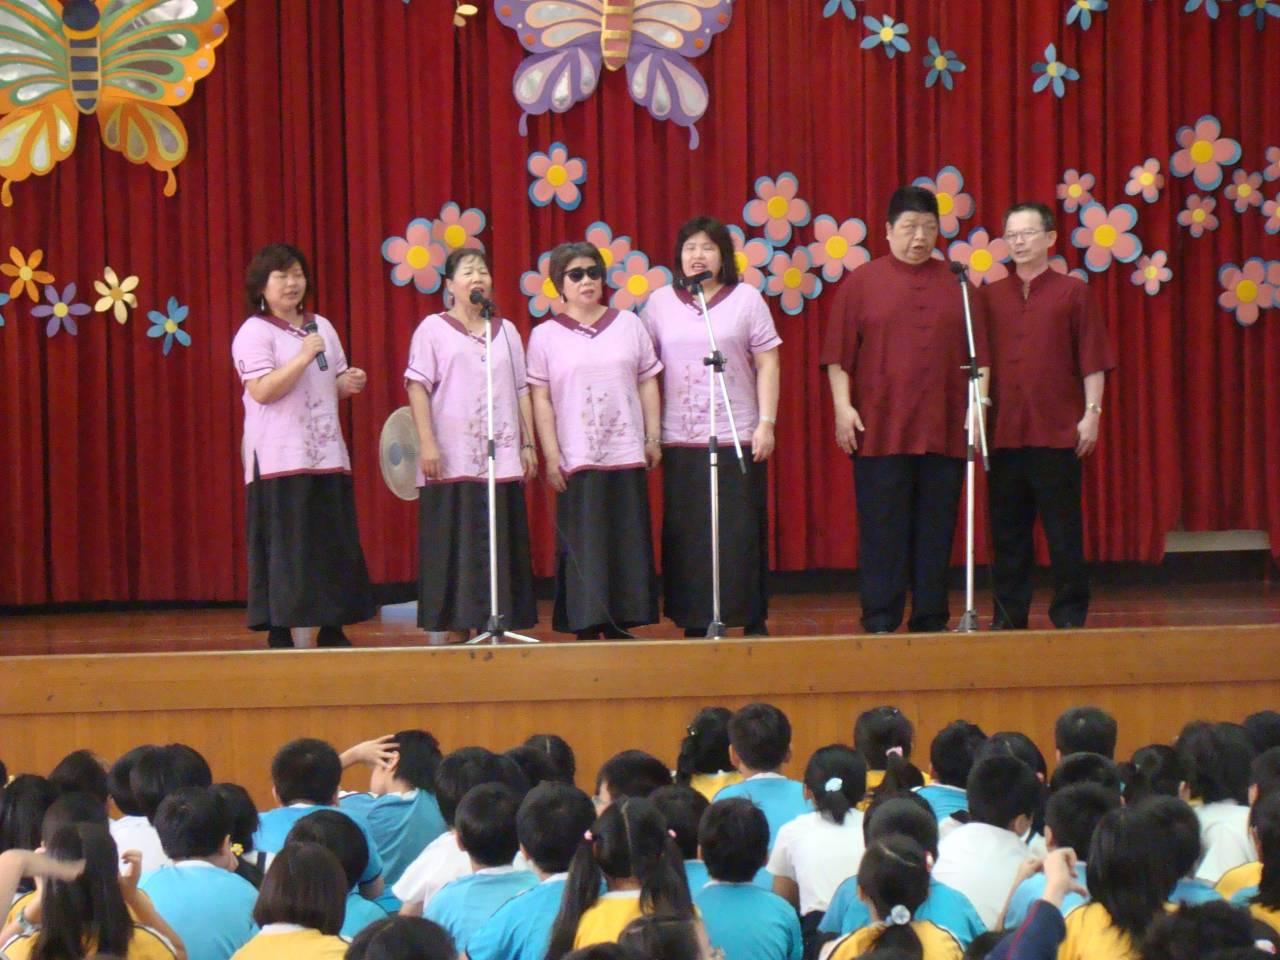 台南市愛樂視障合唱團如今以巡迴台灣偏鄉小學為主